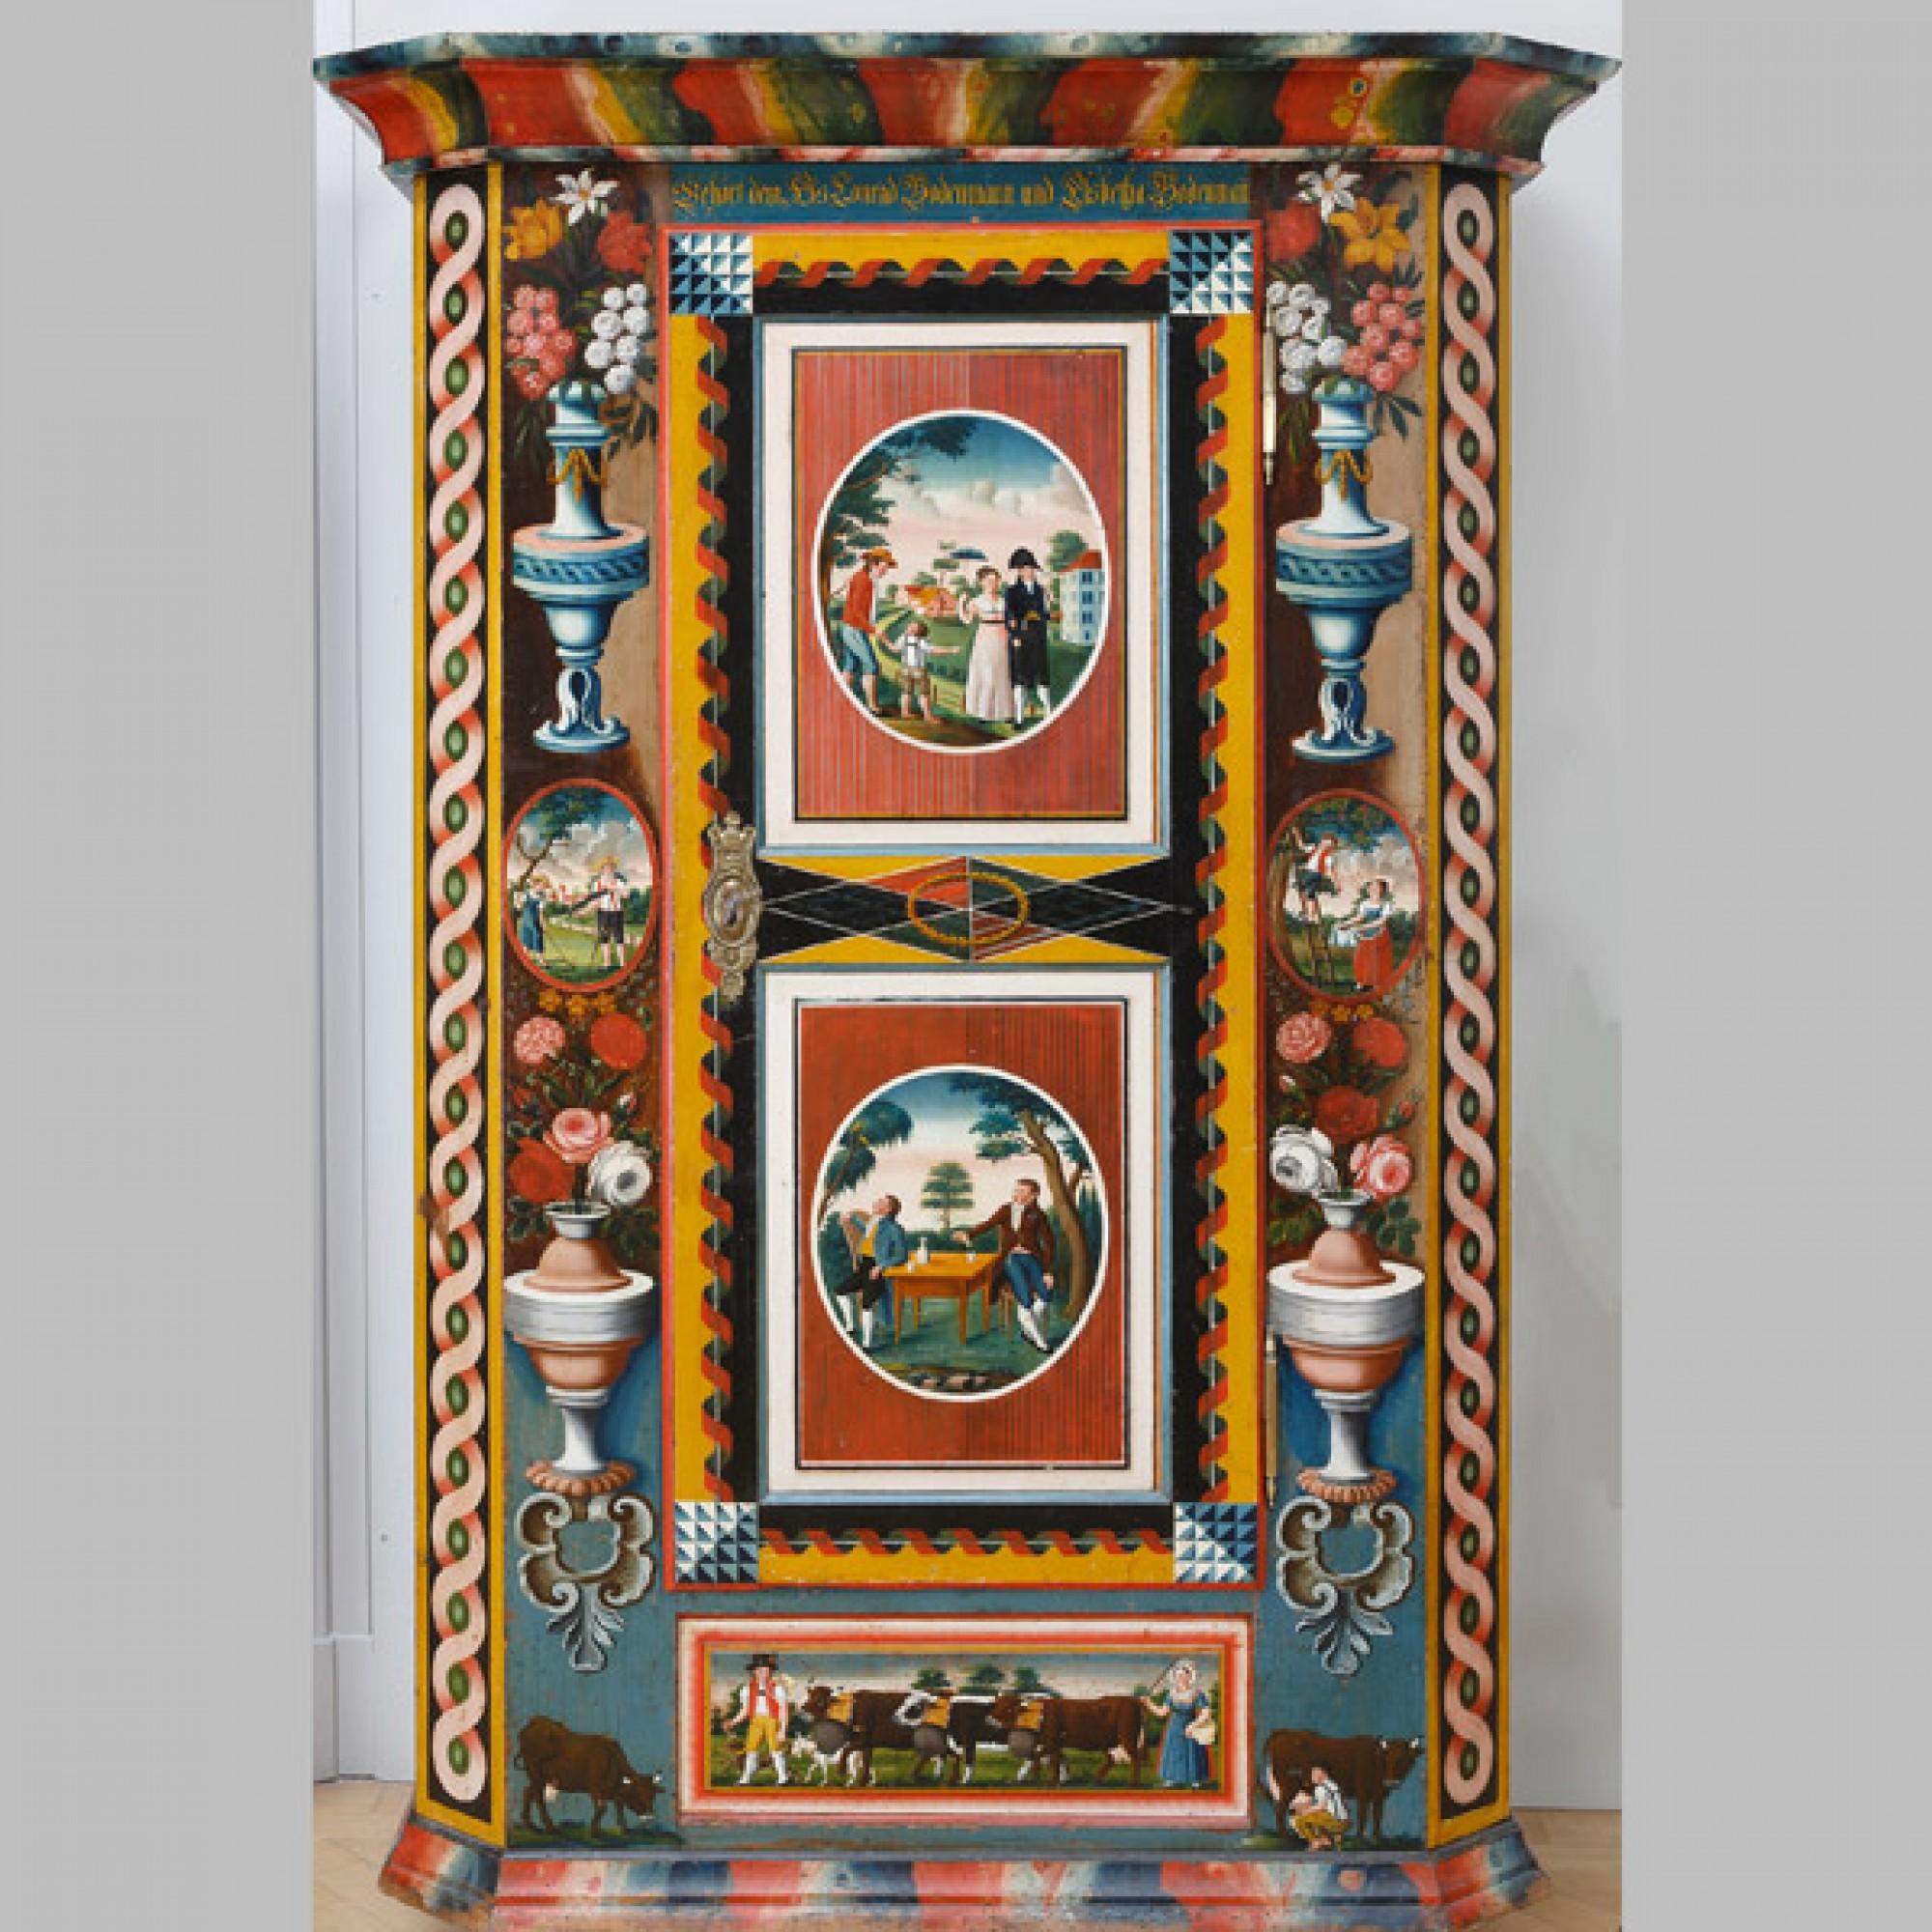 Kasten, um 1820 Gehört dem Hs. Conrad Bodenmann und Elsbetha Bodenmann Appenzeller Brauchtumsmuseum Urnäsch. (Stefan Rohner)